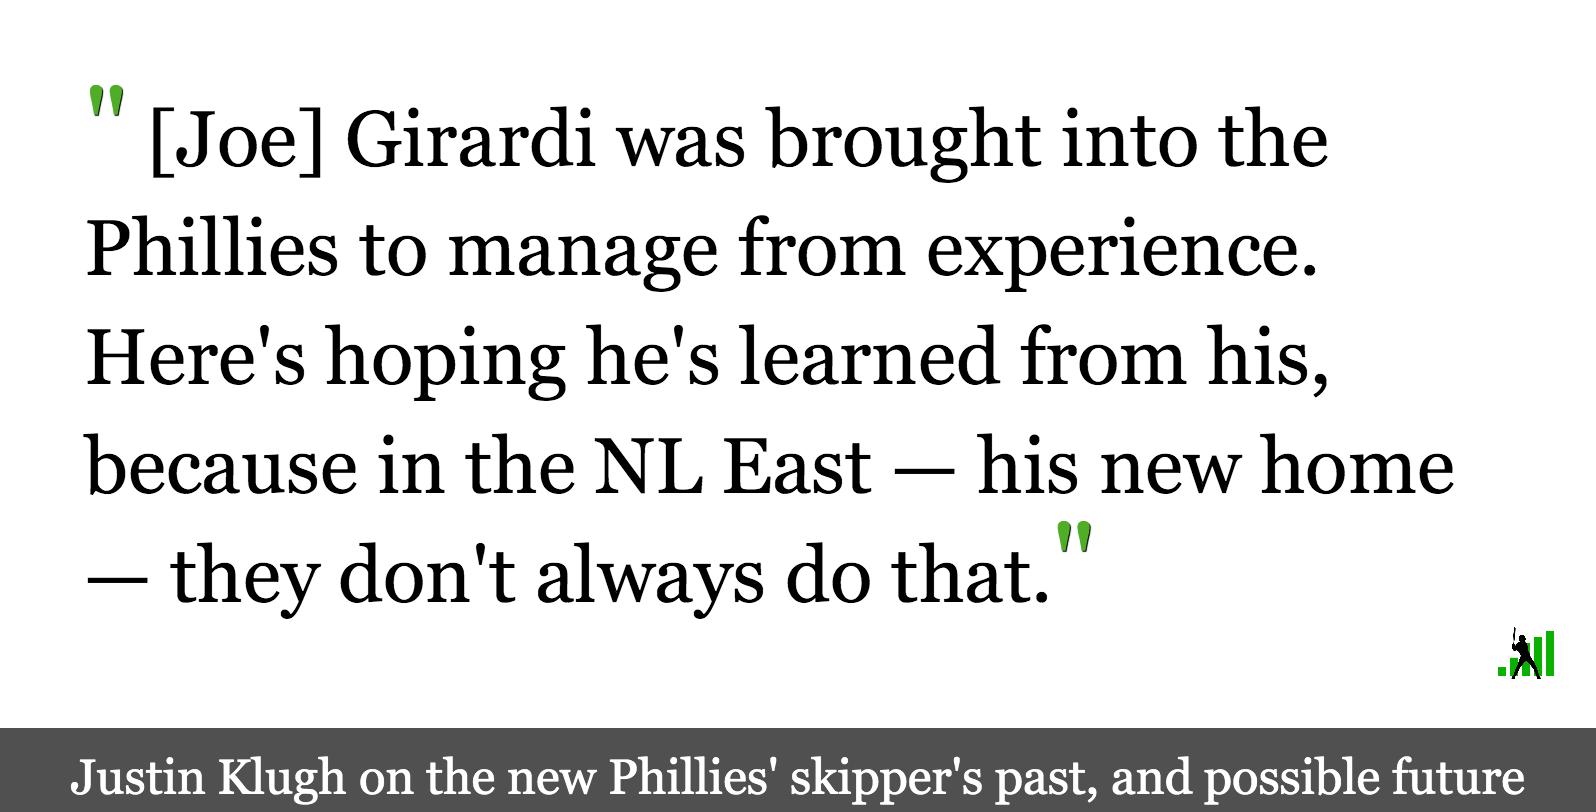 Joe Girardi Gets a Fresh Start in a Shifting NL East